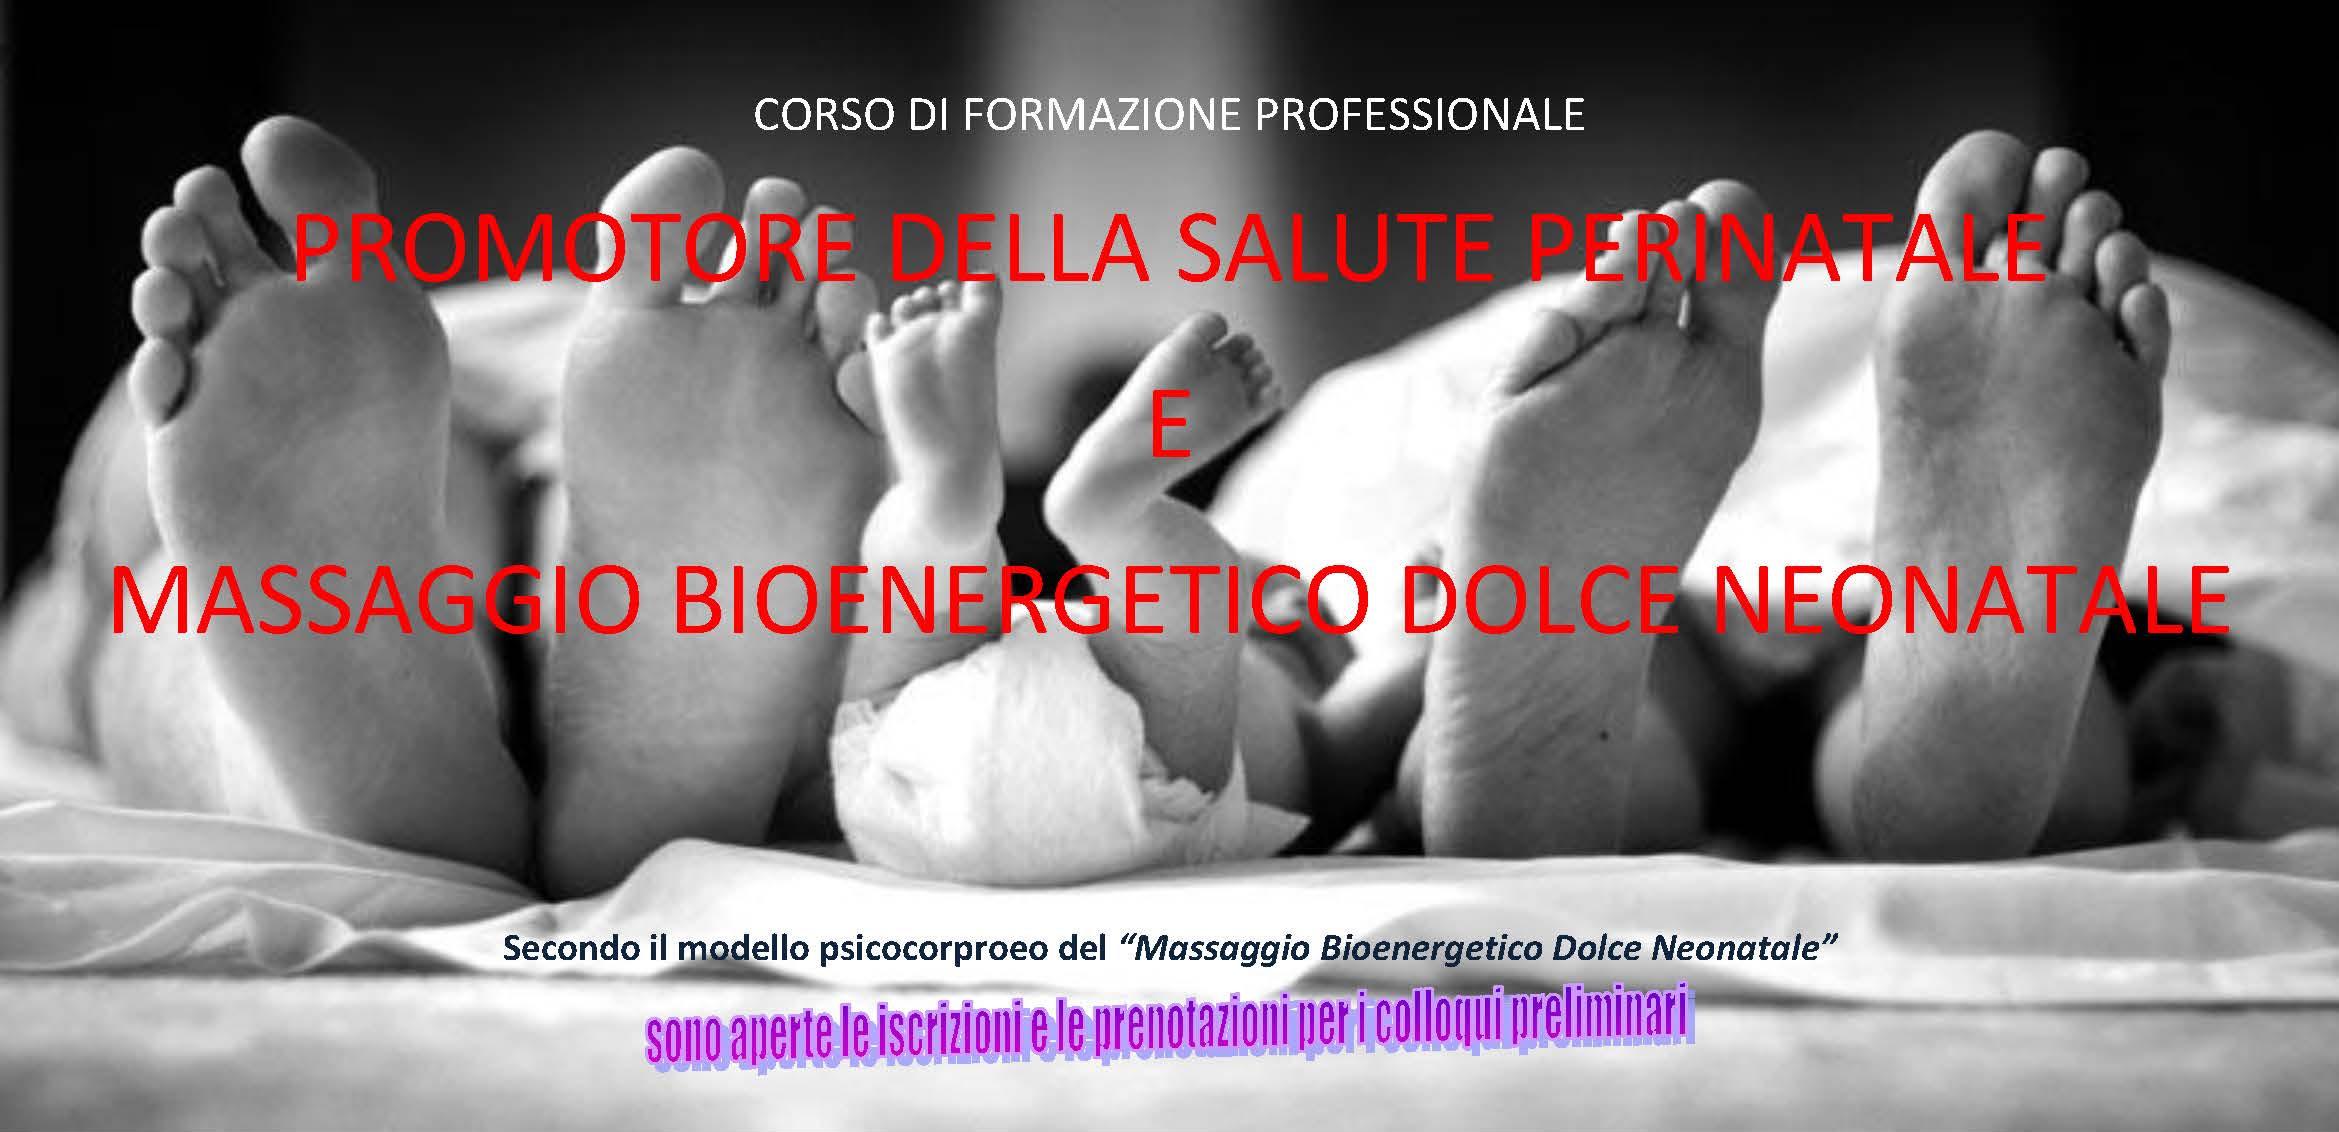 Corso di Formazione Professionale: Promotore della Salute Perinatale Massaggio Bioenergetico Dolce Neonatale